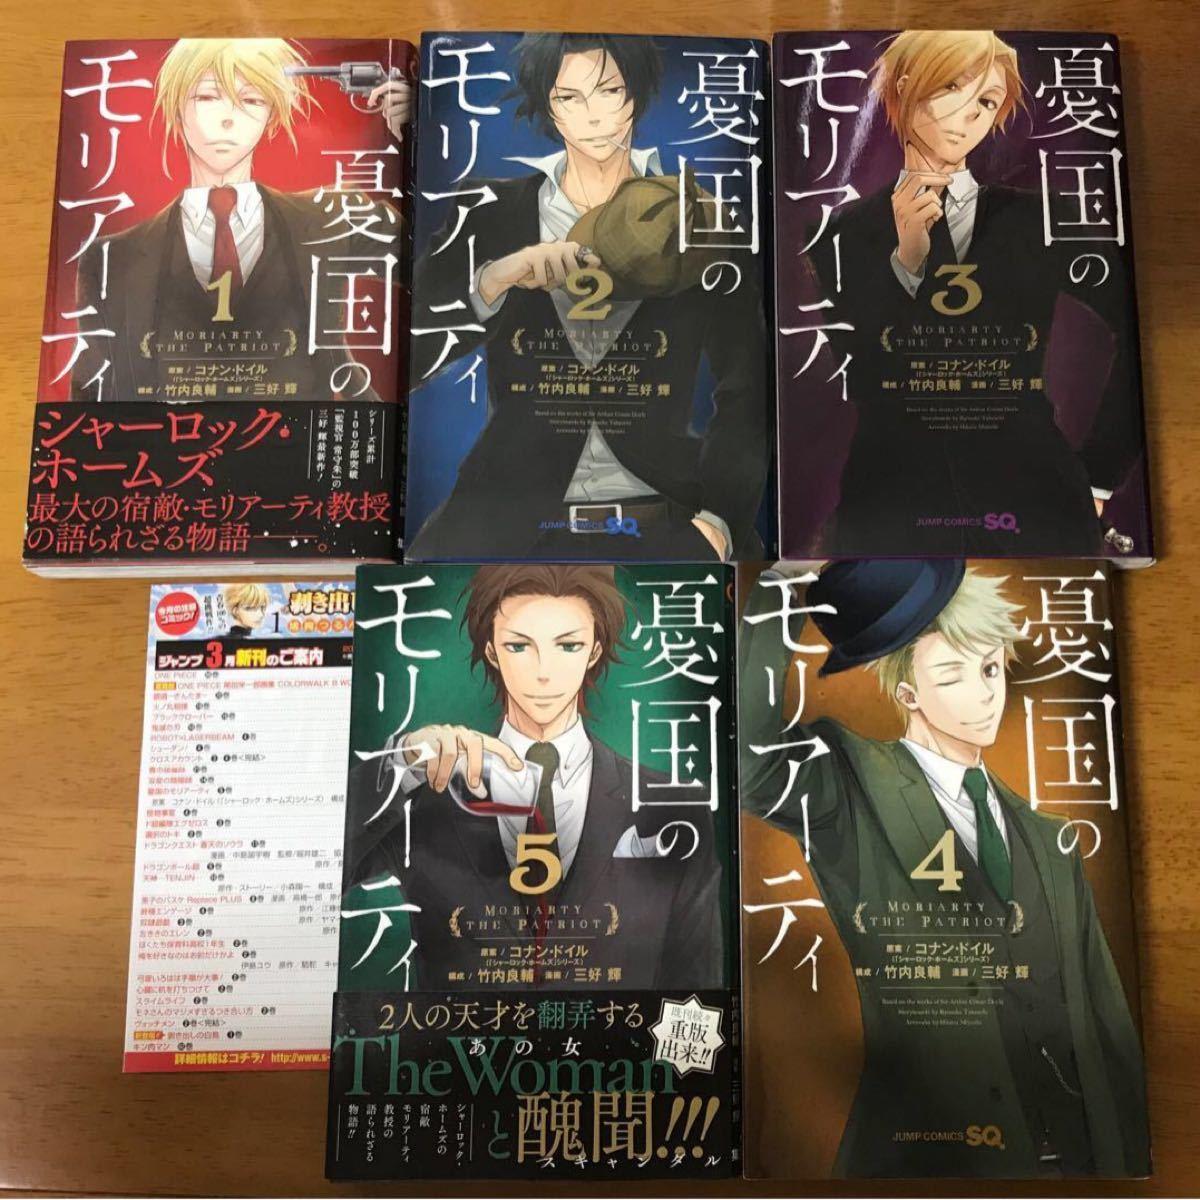 【全巻初版】憂国のモリアーティ 1〜5巻 セット